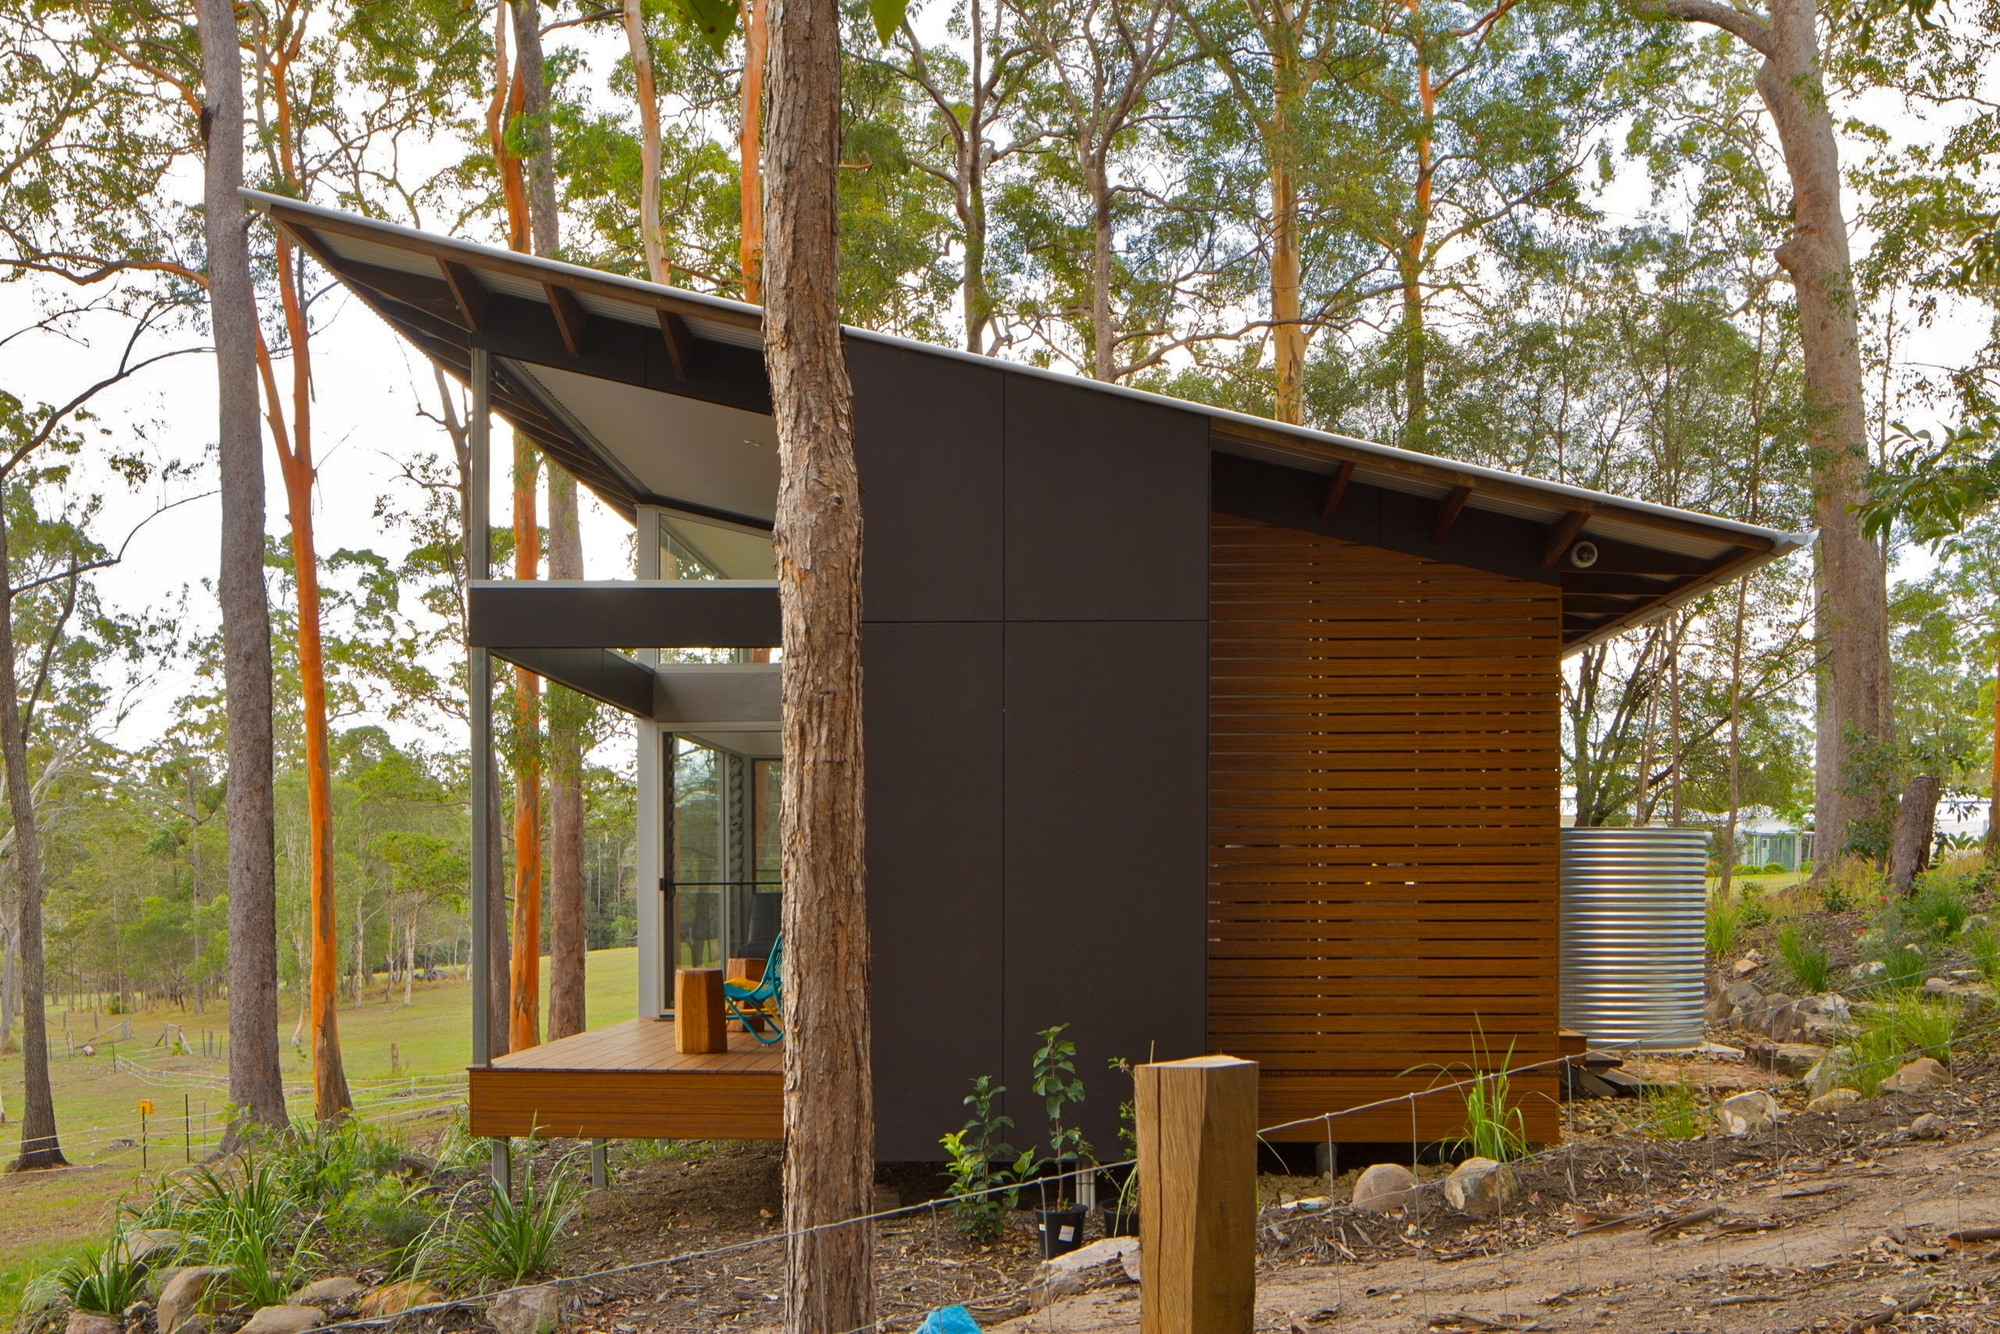 dise o de casa moderna en terreno largo y angosto On casa techo 1 agua